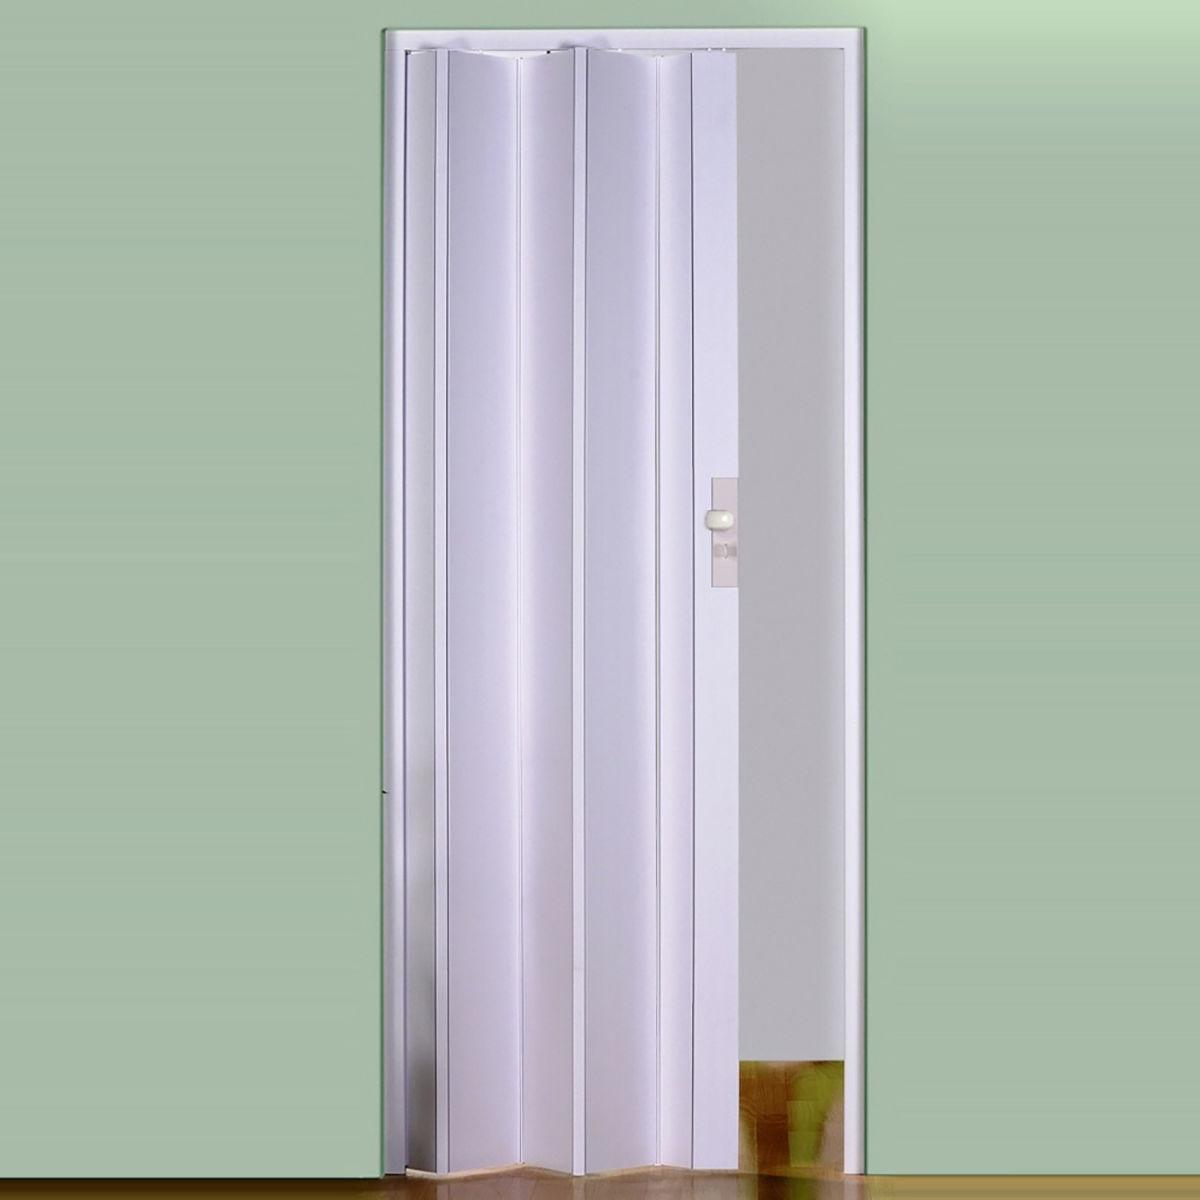 Porta a soffietto maya bianco l 83 x h 214 cm prezzi e for Ricambi zanzariere leroy merlin